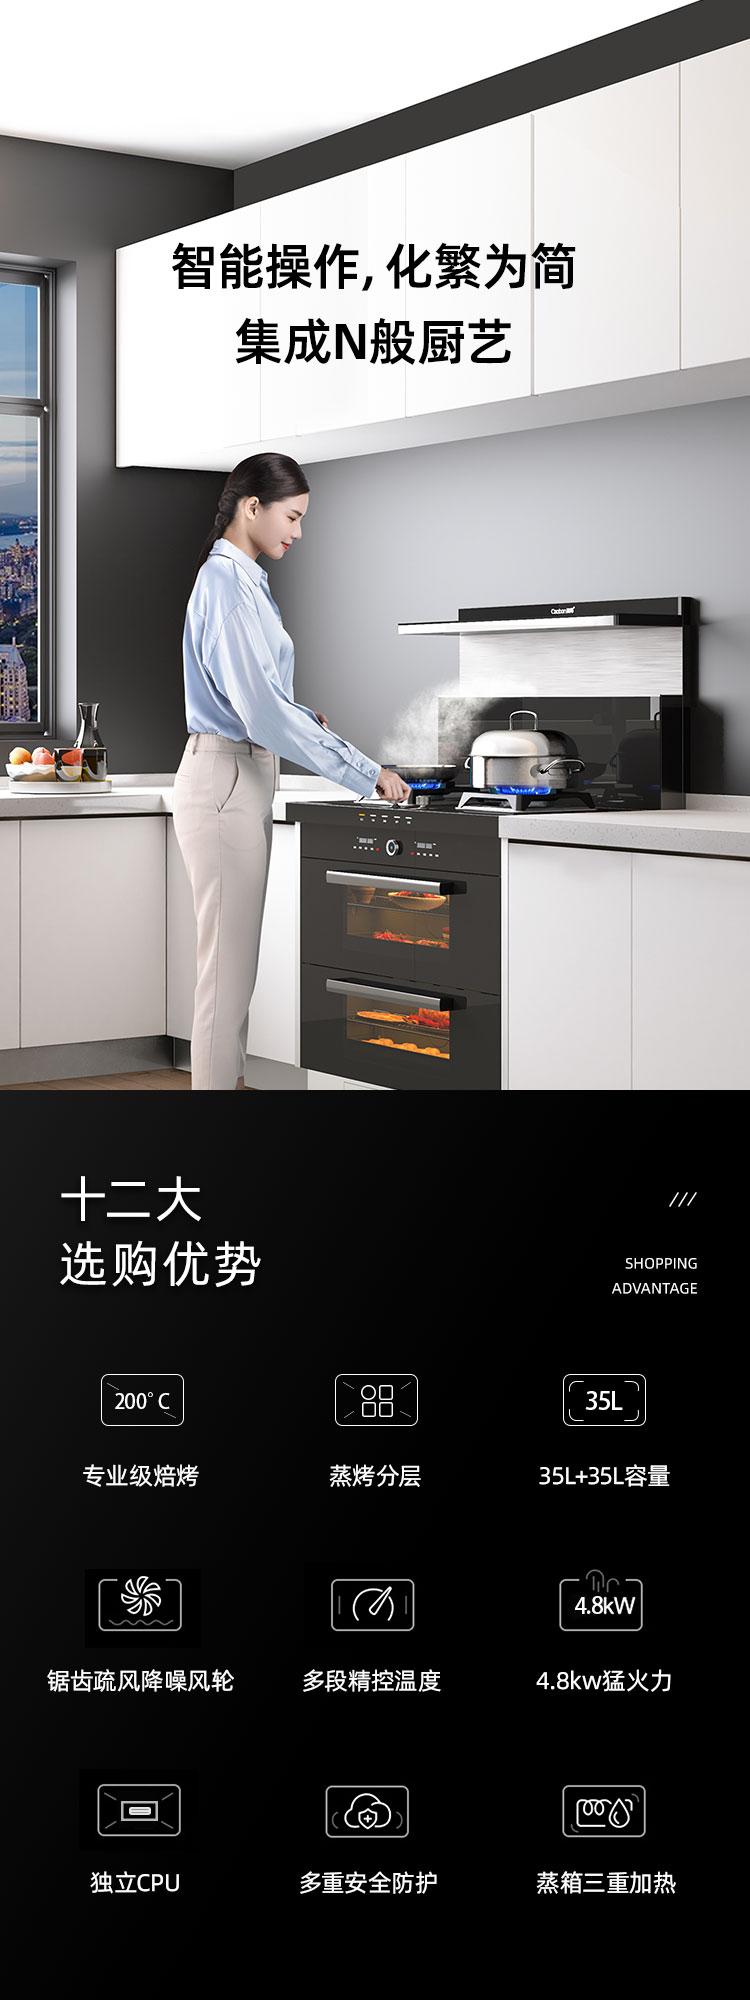 2.产品卖点_看图王